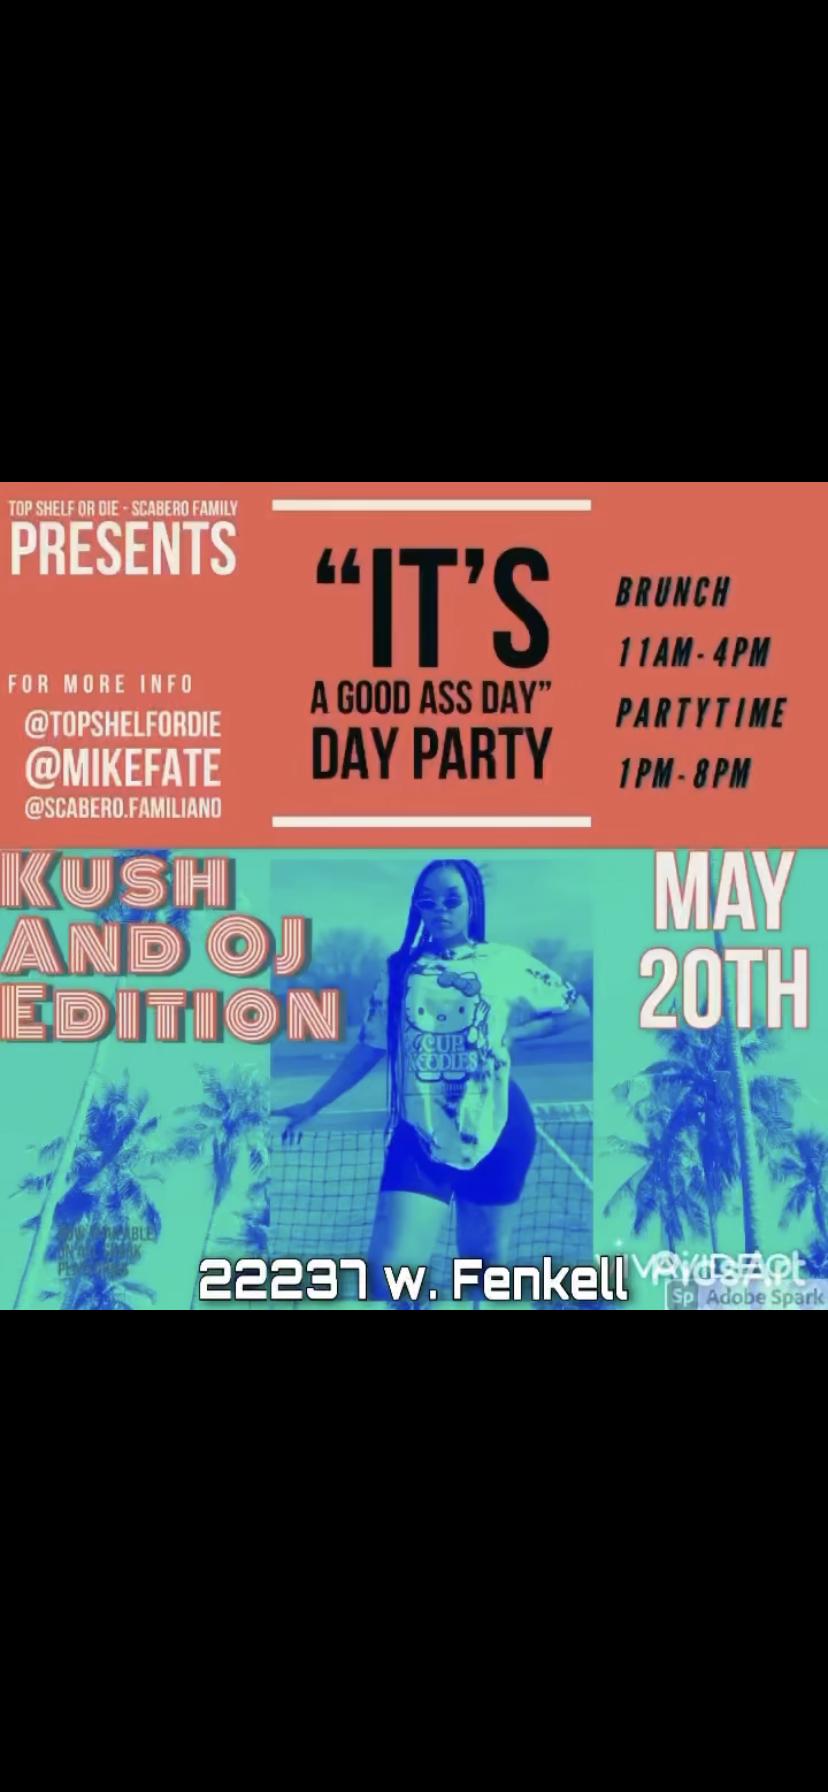 Day Party (KushN'OJ Brunch)